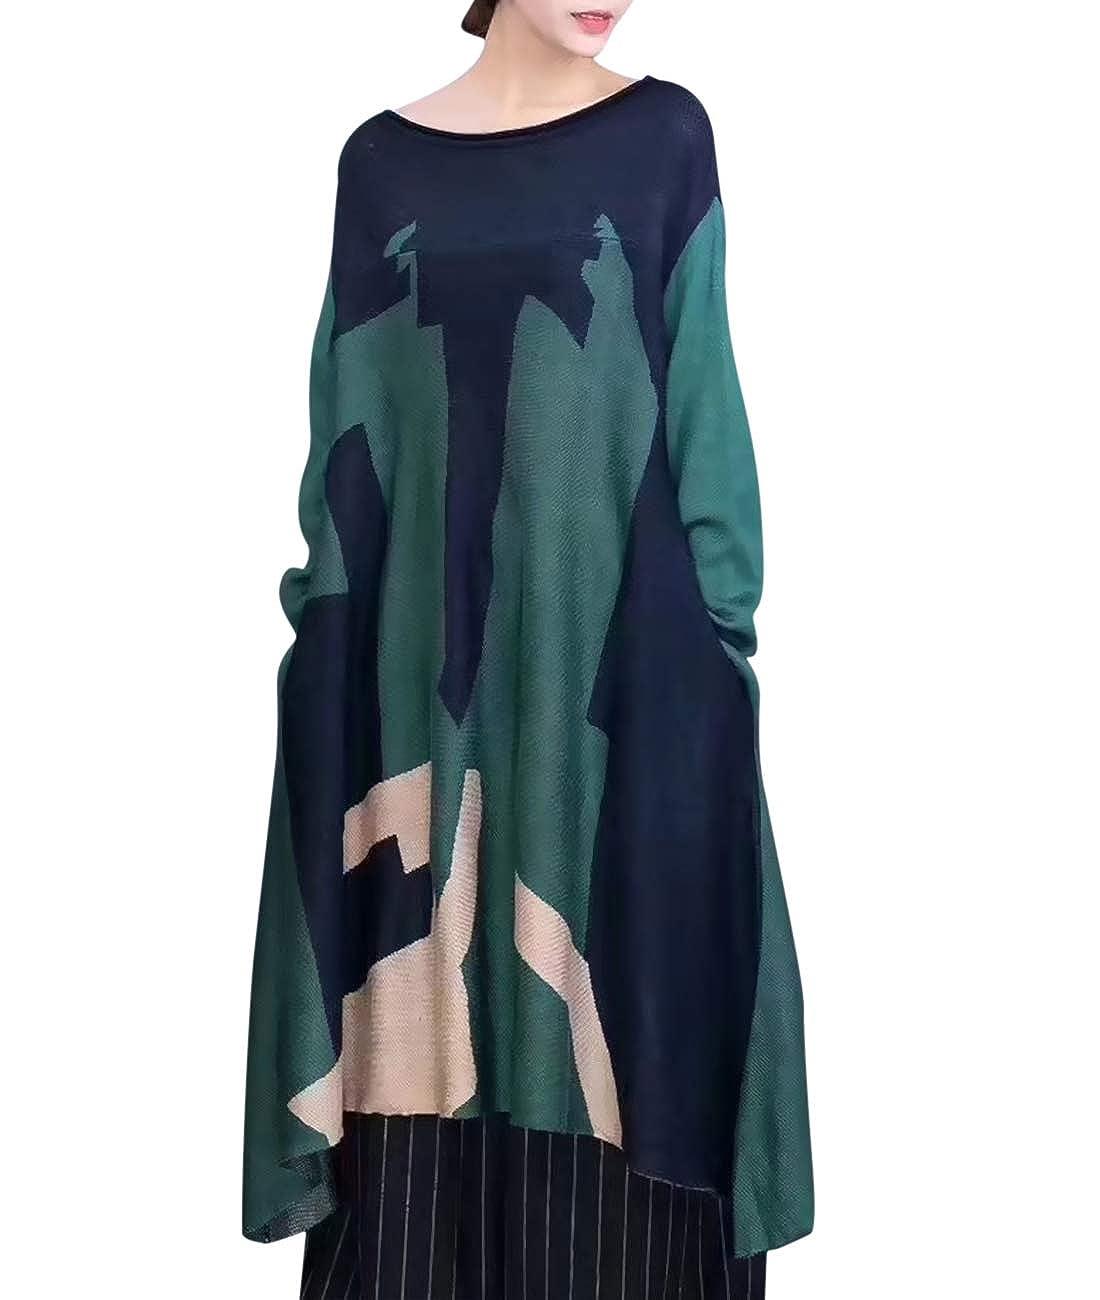 Q12 Green YESNO E01 Women Casual Loose Fit Embroidered Blouse Shirt Lapel ButtonDown Shirt 100% Linen Raglan Sleeve